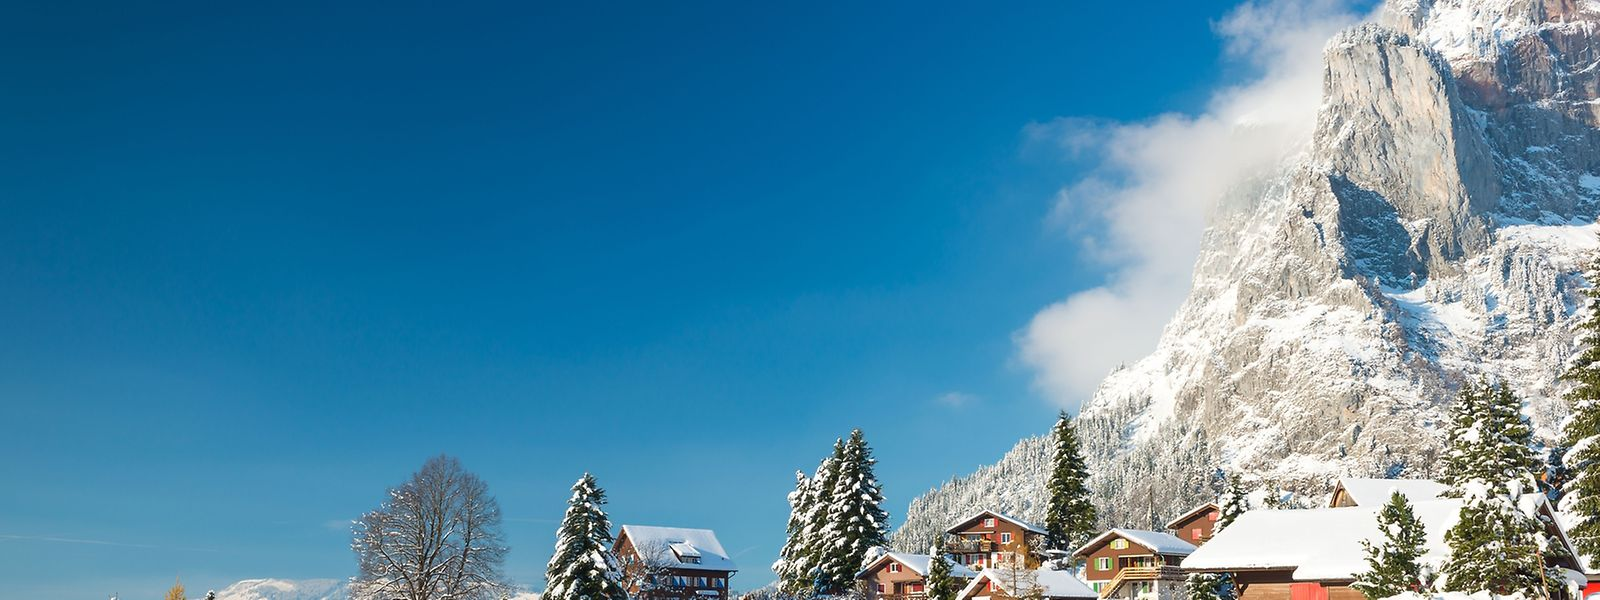 Von derartigen Schneeverhältnissen können viele Schweizer Regionen nur träumen.